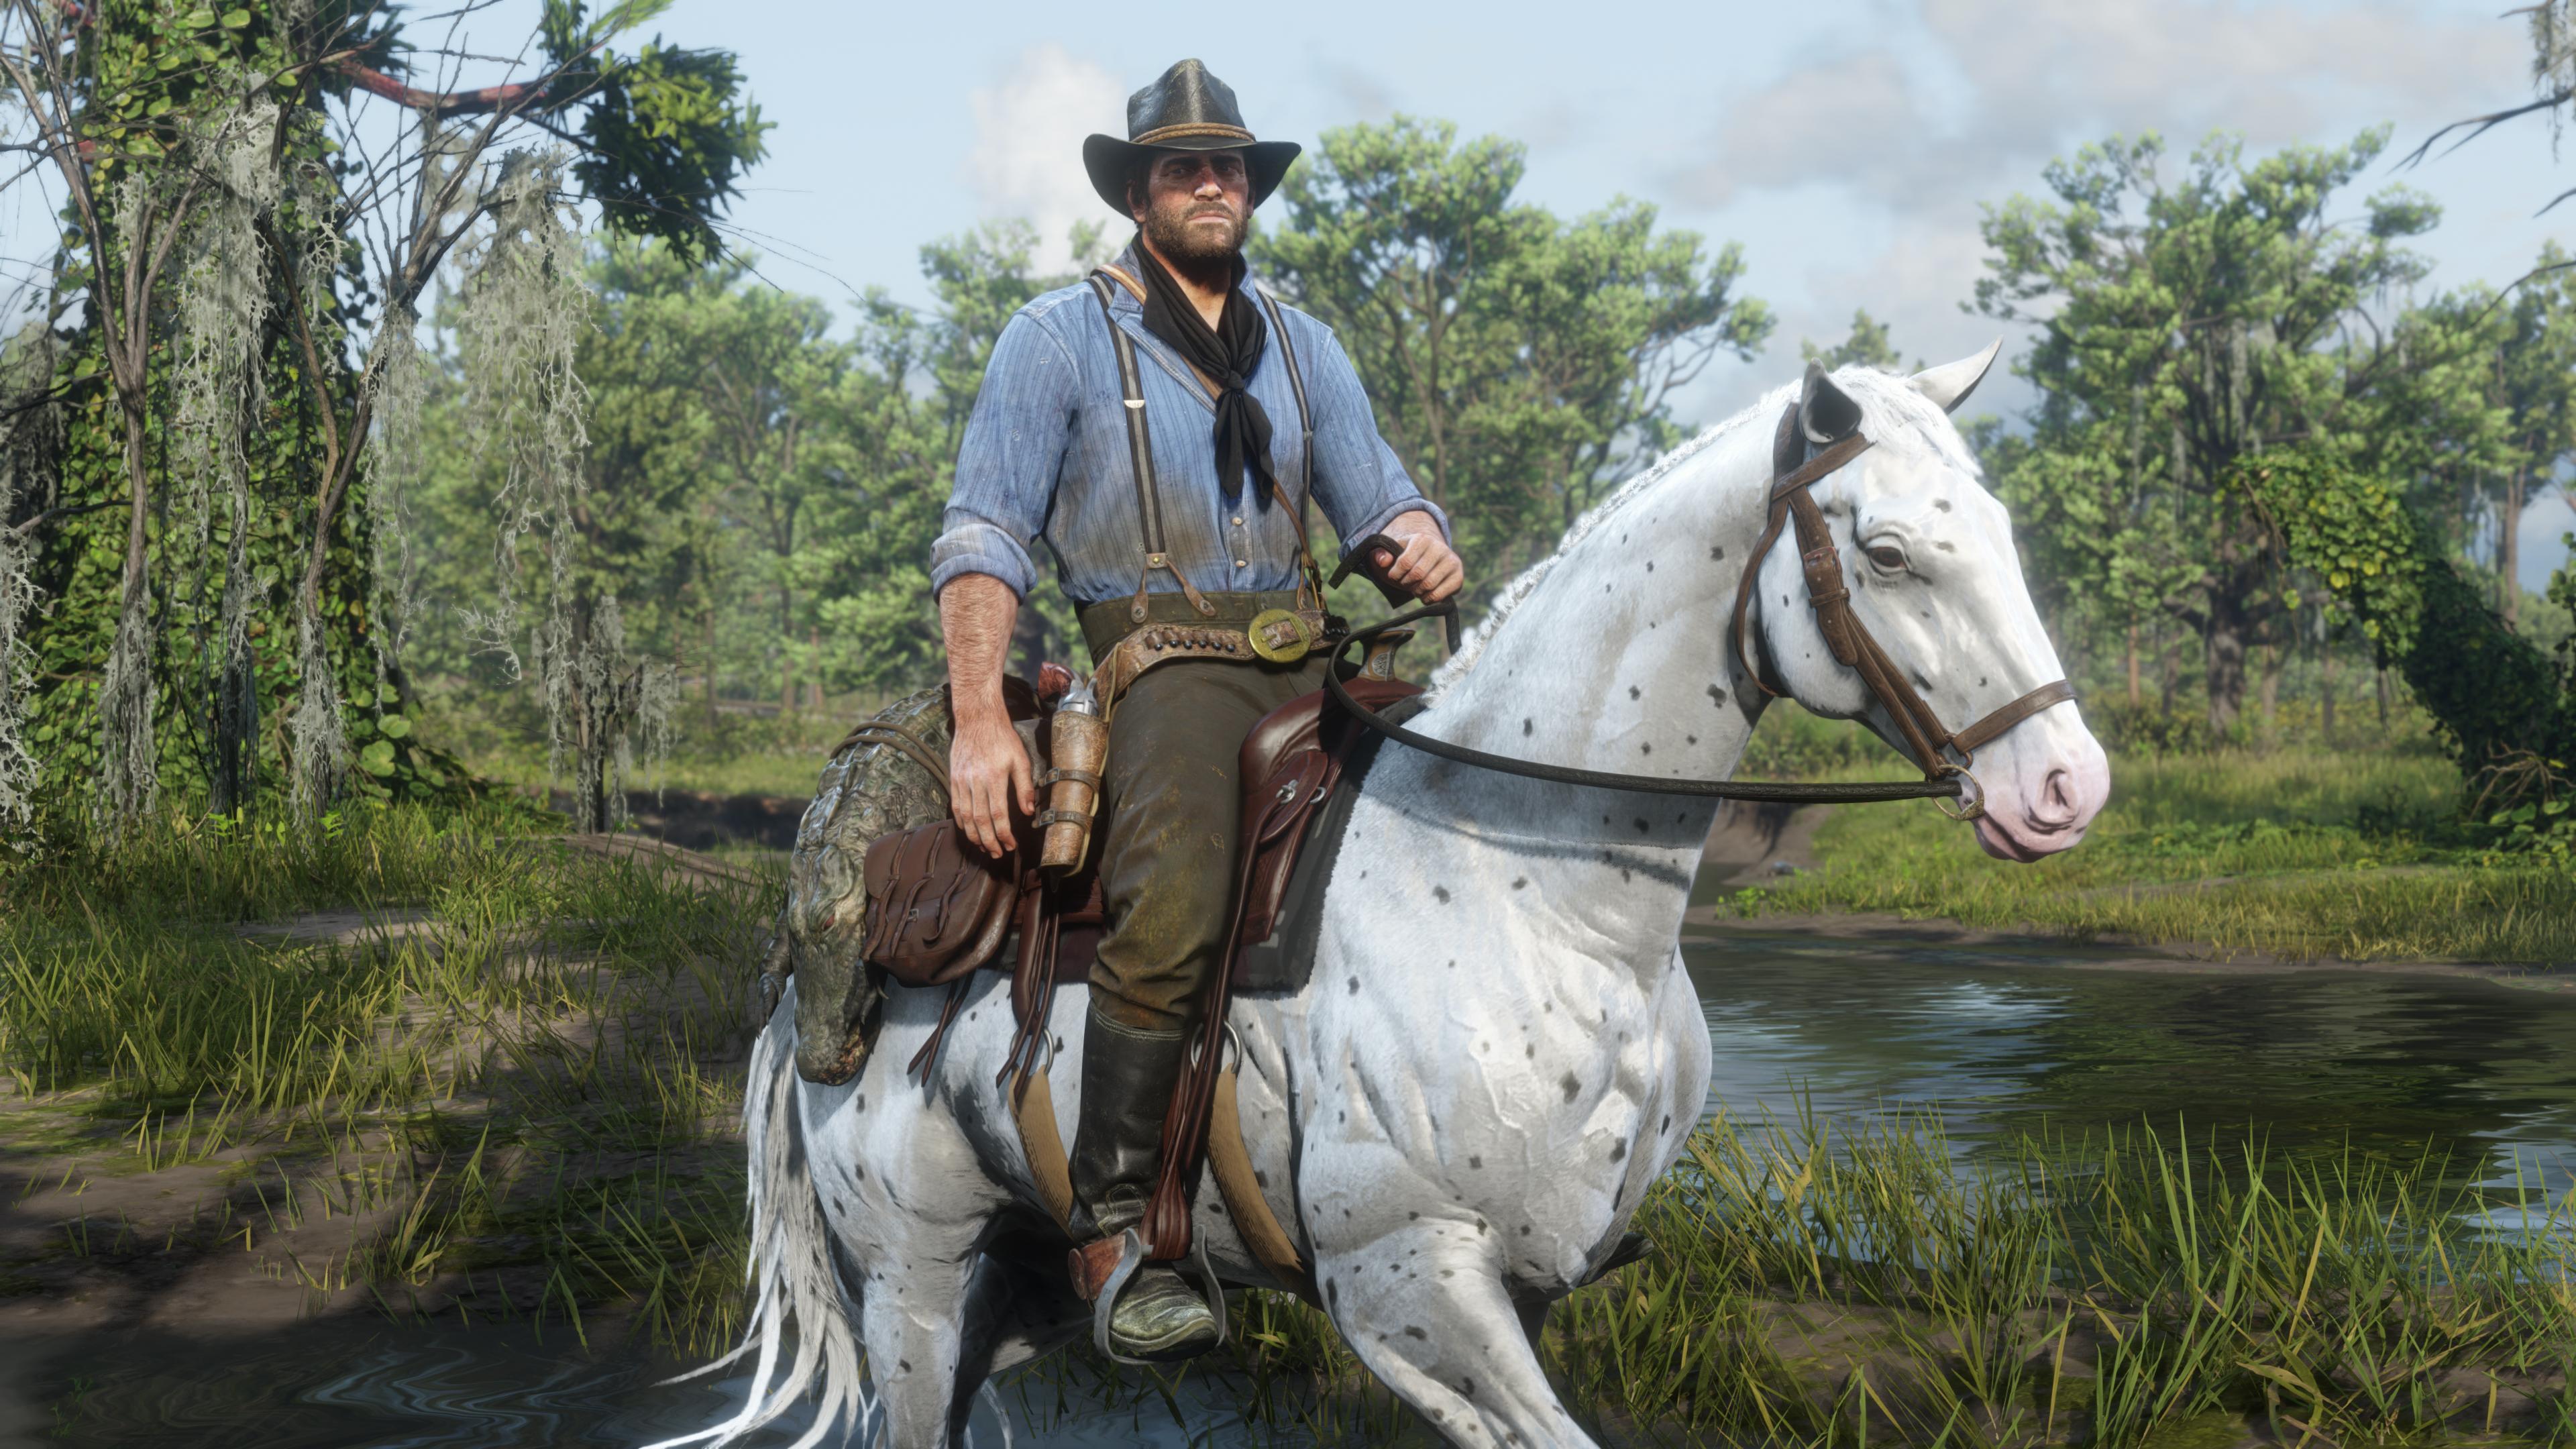 O jogo vai ser lançado a 5 de Novembro, mas a Rockstar Games já prometeu que até lá, iremos ter um trailer em 4K, mostrando melhor os gráficos de Red Dead Redemption 2 no PC.